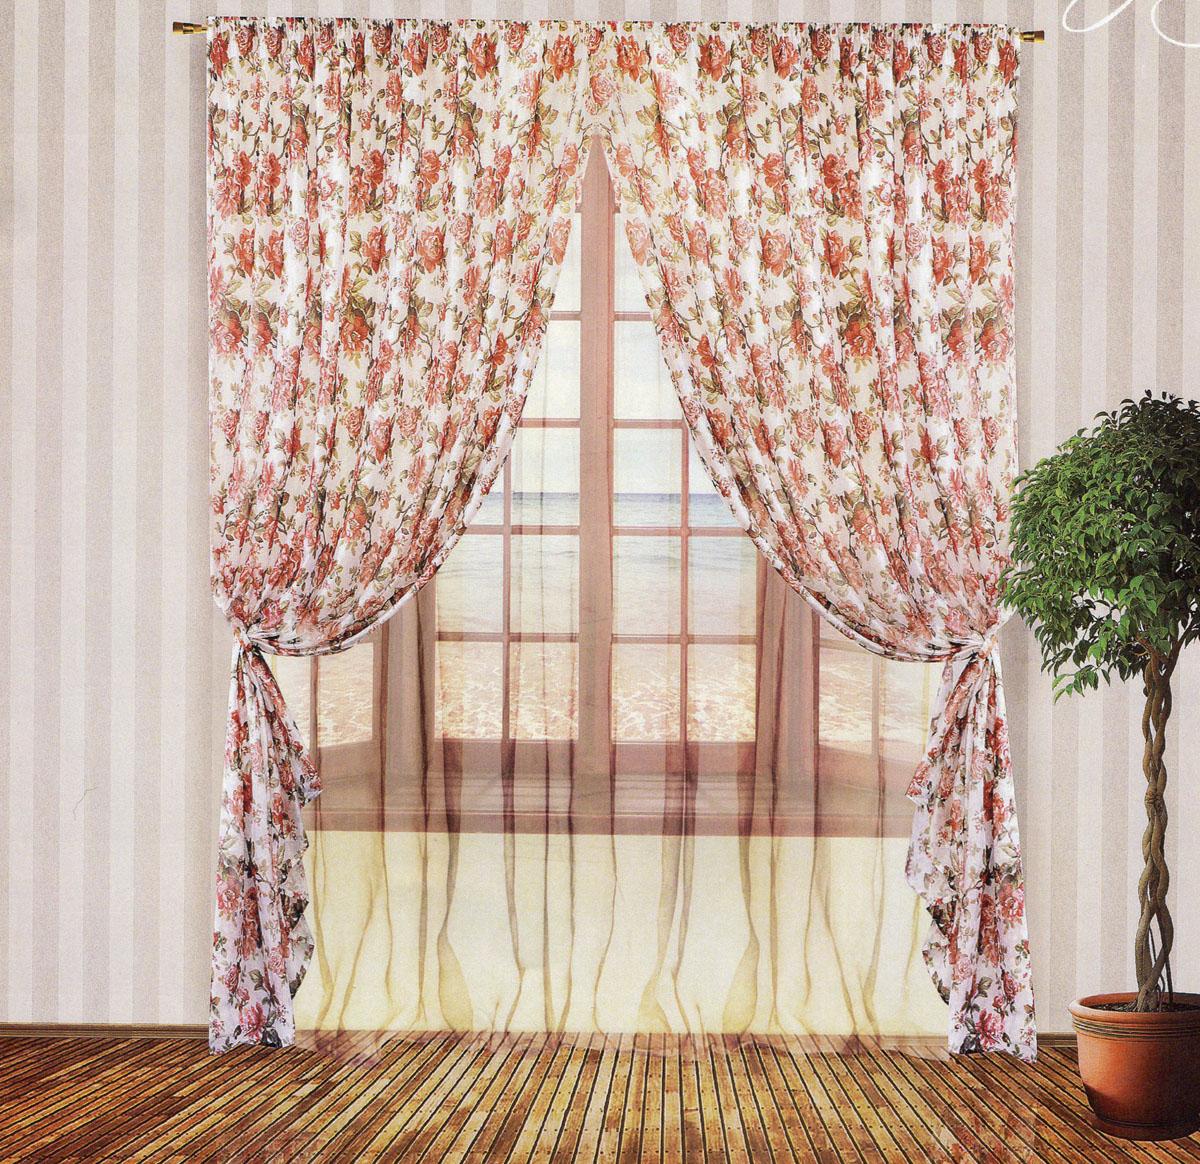 Комплект штор Zlata Korunka, на ленте, цвет: розовый, белый, высота 250 см. 55534K100Роскошный комплект тюлевых штор Zlata Korunka, выполненный из органзы и микровуали (100% полиэстера), великолепно украсит любое окно. Комплект состоит из двух штор, тюля и двух подхватов. Полупрозрачная ткань, цветочный принт и приятная, приглушенная гамма привлекут к себе внимание и органично впишутся в интерьер помещения. Комплект крепится на карниз при помощи шторной ленты, которая поможет красиво и равномерно задрапировать верх. Шторы можно зафиксировать в одном положении с помощью двух подхватов. Этот комплект будет долгое время радовать вас и вашу семью! В комплект входит: Штора: 2 шт. Размер (ШхВ): 200 см х 250 см. Тюль: 1 шт. Размер (ШхВ): 400 см х 250 см.Подхват: 2 шт. Размер (ШхВ): 60 см х 10 см.